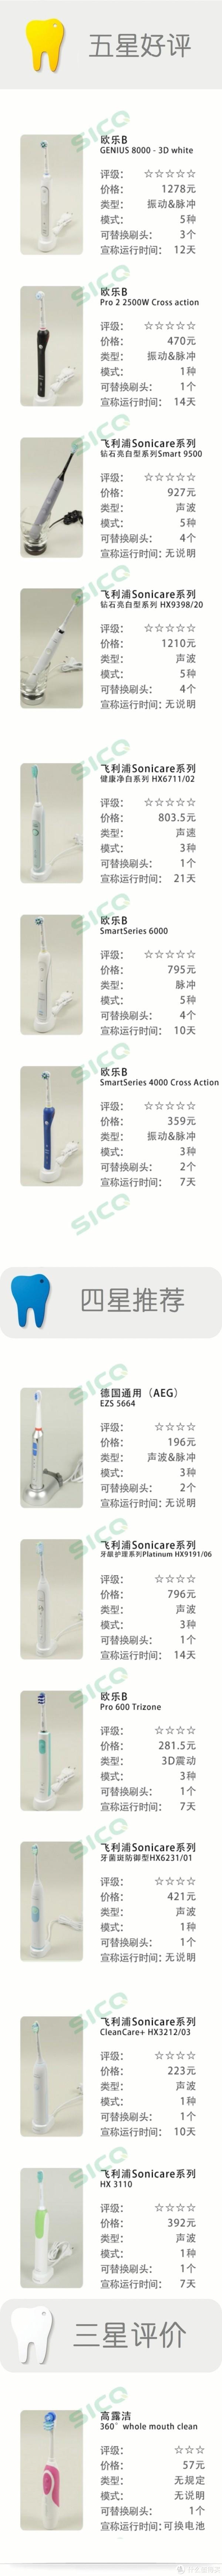 2018年电动牙刷比较试验—很多人牙齿黄是因为这件事没做对